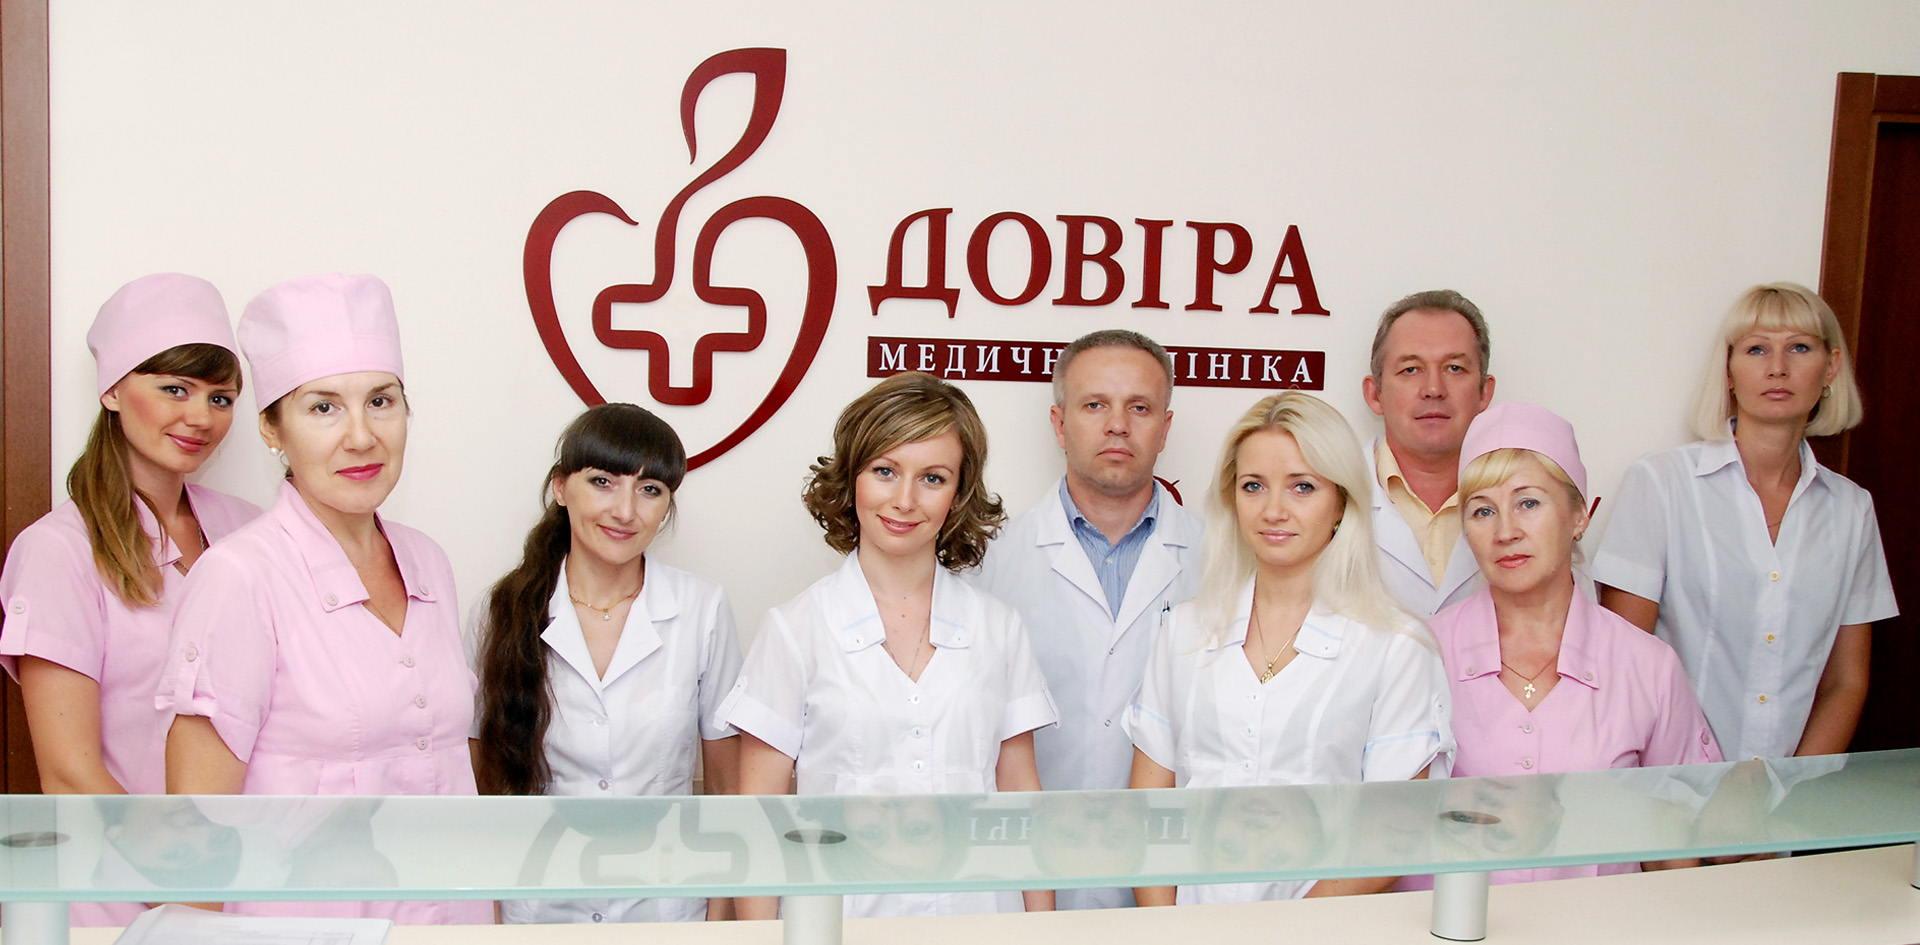 logo design for diagnostic center